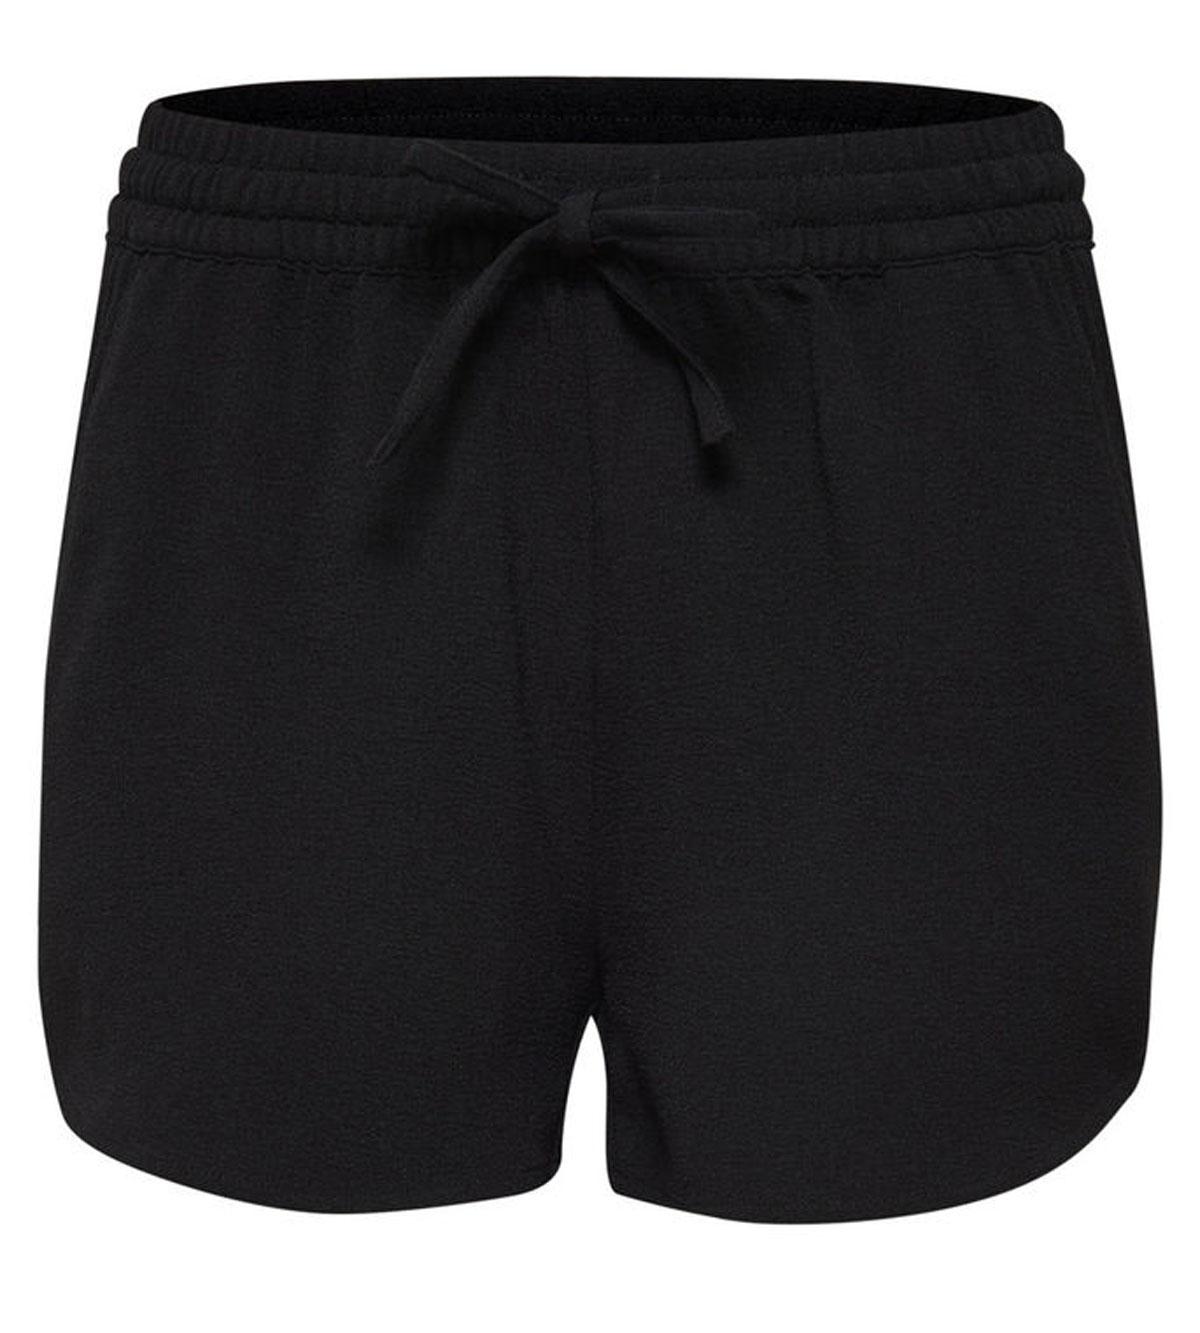 Шорты женские Only, цвет: черный. 15123924_Black. Размер 34 (40)15123924_BlackСтильные женские шорты Only, изготовленные из высококачественного материала, созданы для модных и смелых девушек.Модель с резинкой на поясе и завязками. В этих модных шортах вы будете чувствовать себя уверенно, оставаясь в центре внимания.